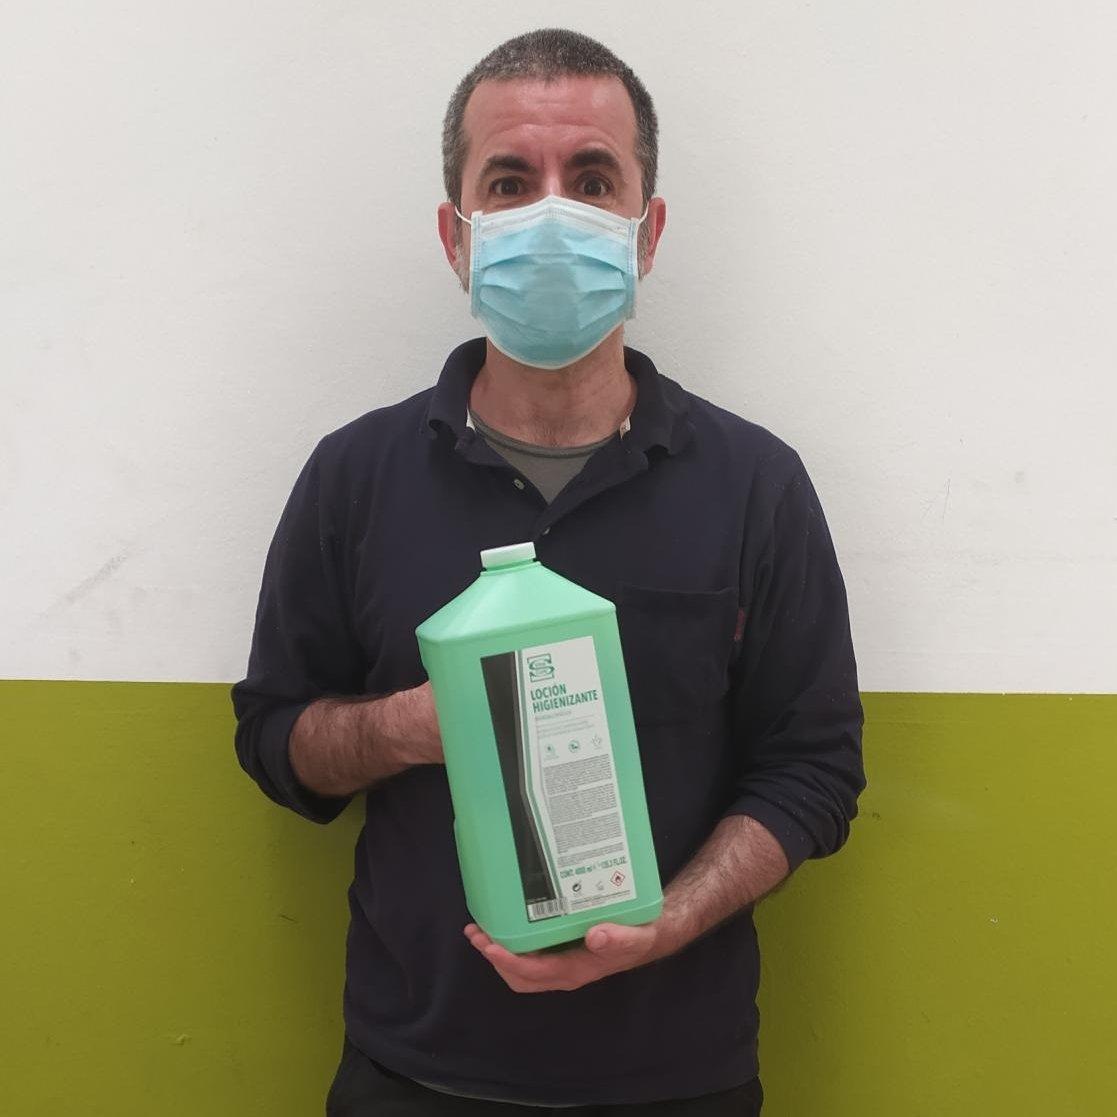 Continuamos nuestra actividad, ¡siempre con las protecciones debidas! 😷🧴 Para ello la Fundación Michelín nos ha donado 4000 mascarillas y 64 litros de gel hidroalcólico que ya están en nuestro centro de Vitoria/Gasteiz.  ¡Miles de gracias! https://t.co/F0xpmC6ckK